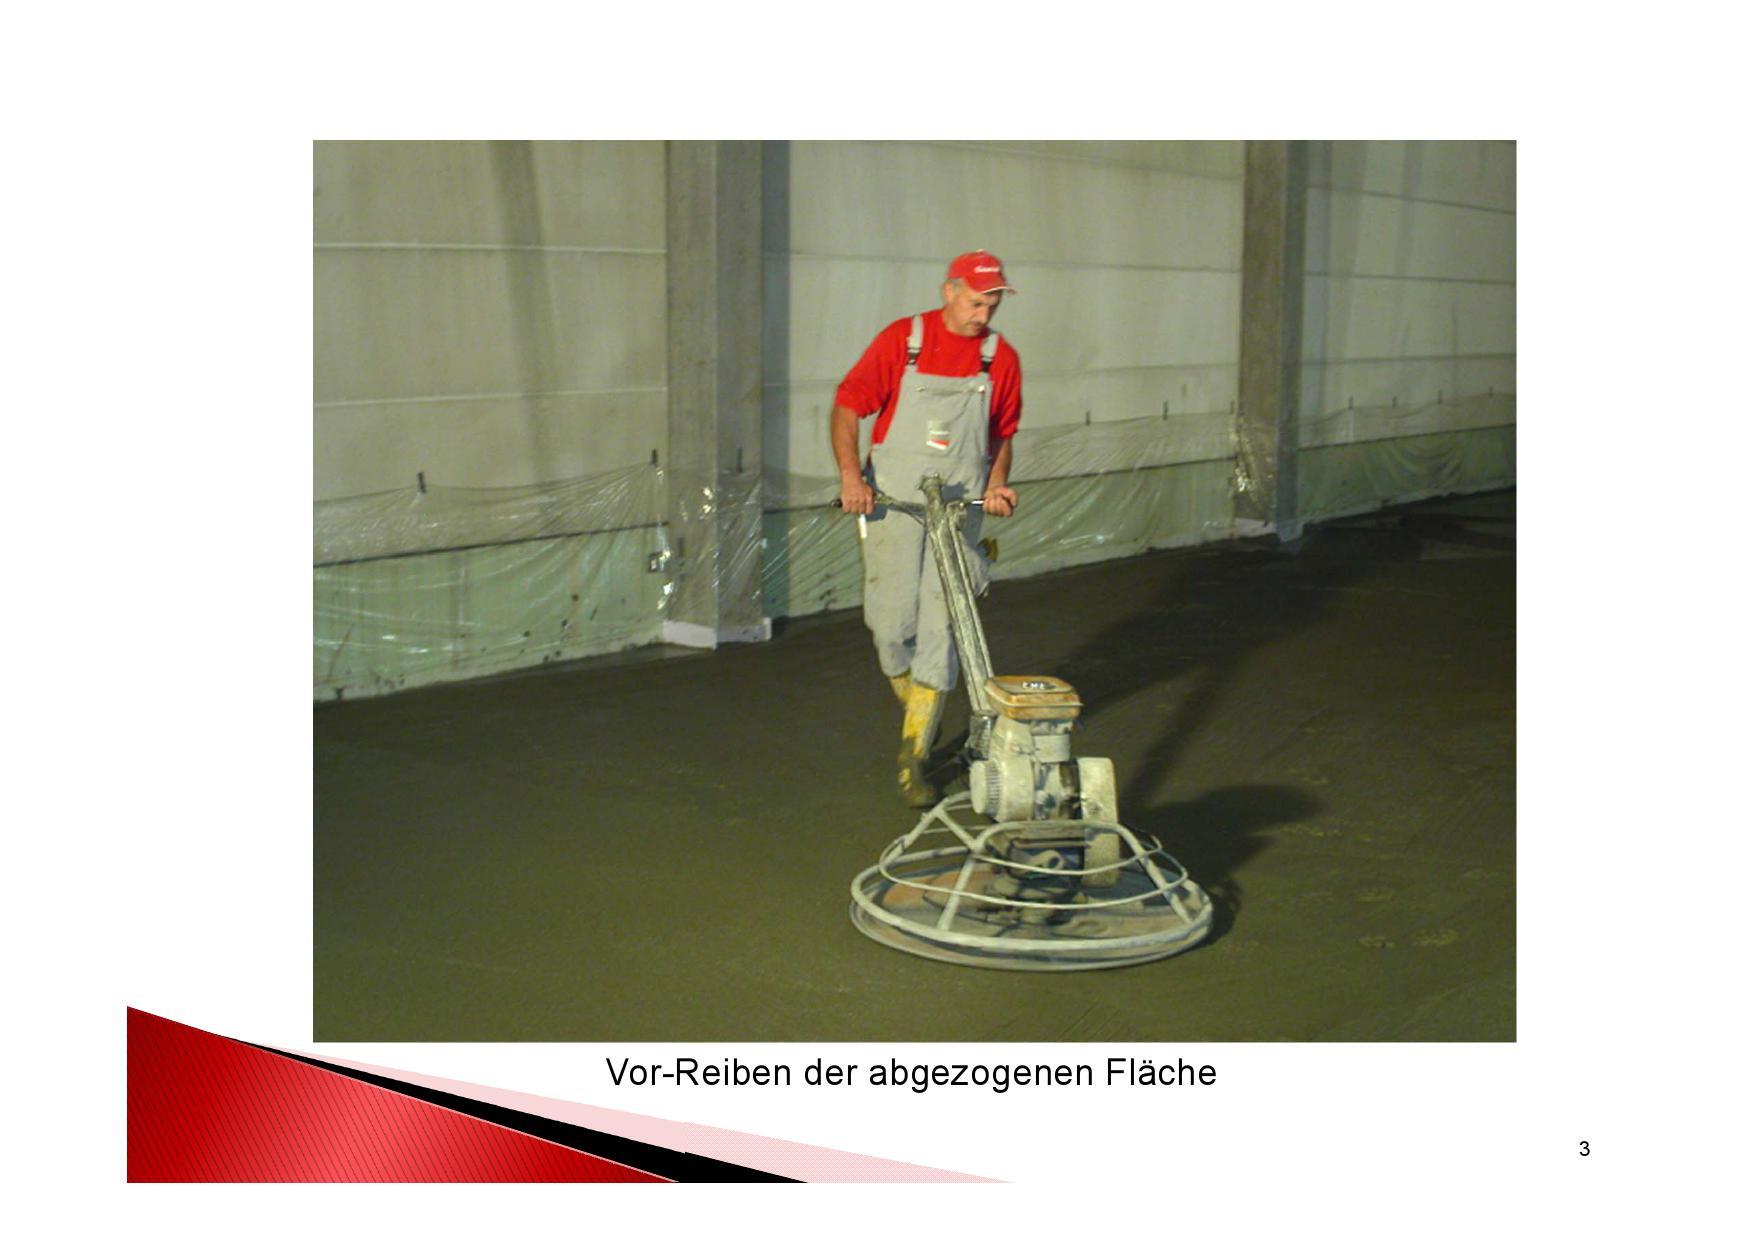 7Präsentation Einstreu Schicht Haftbrücke Fugen März 2013 pdf_000003